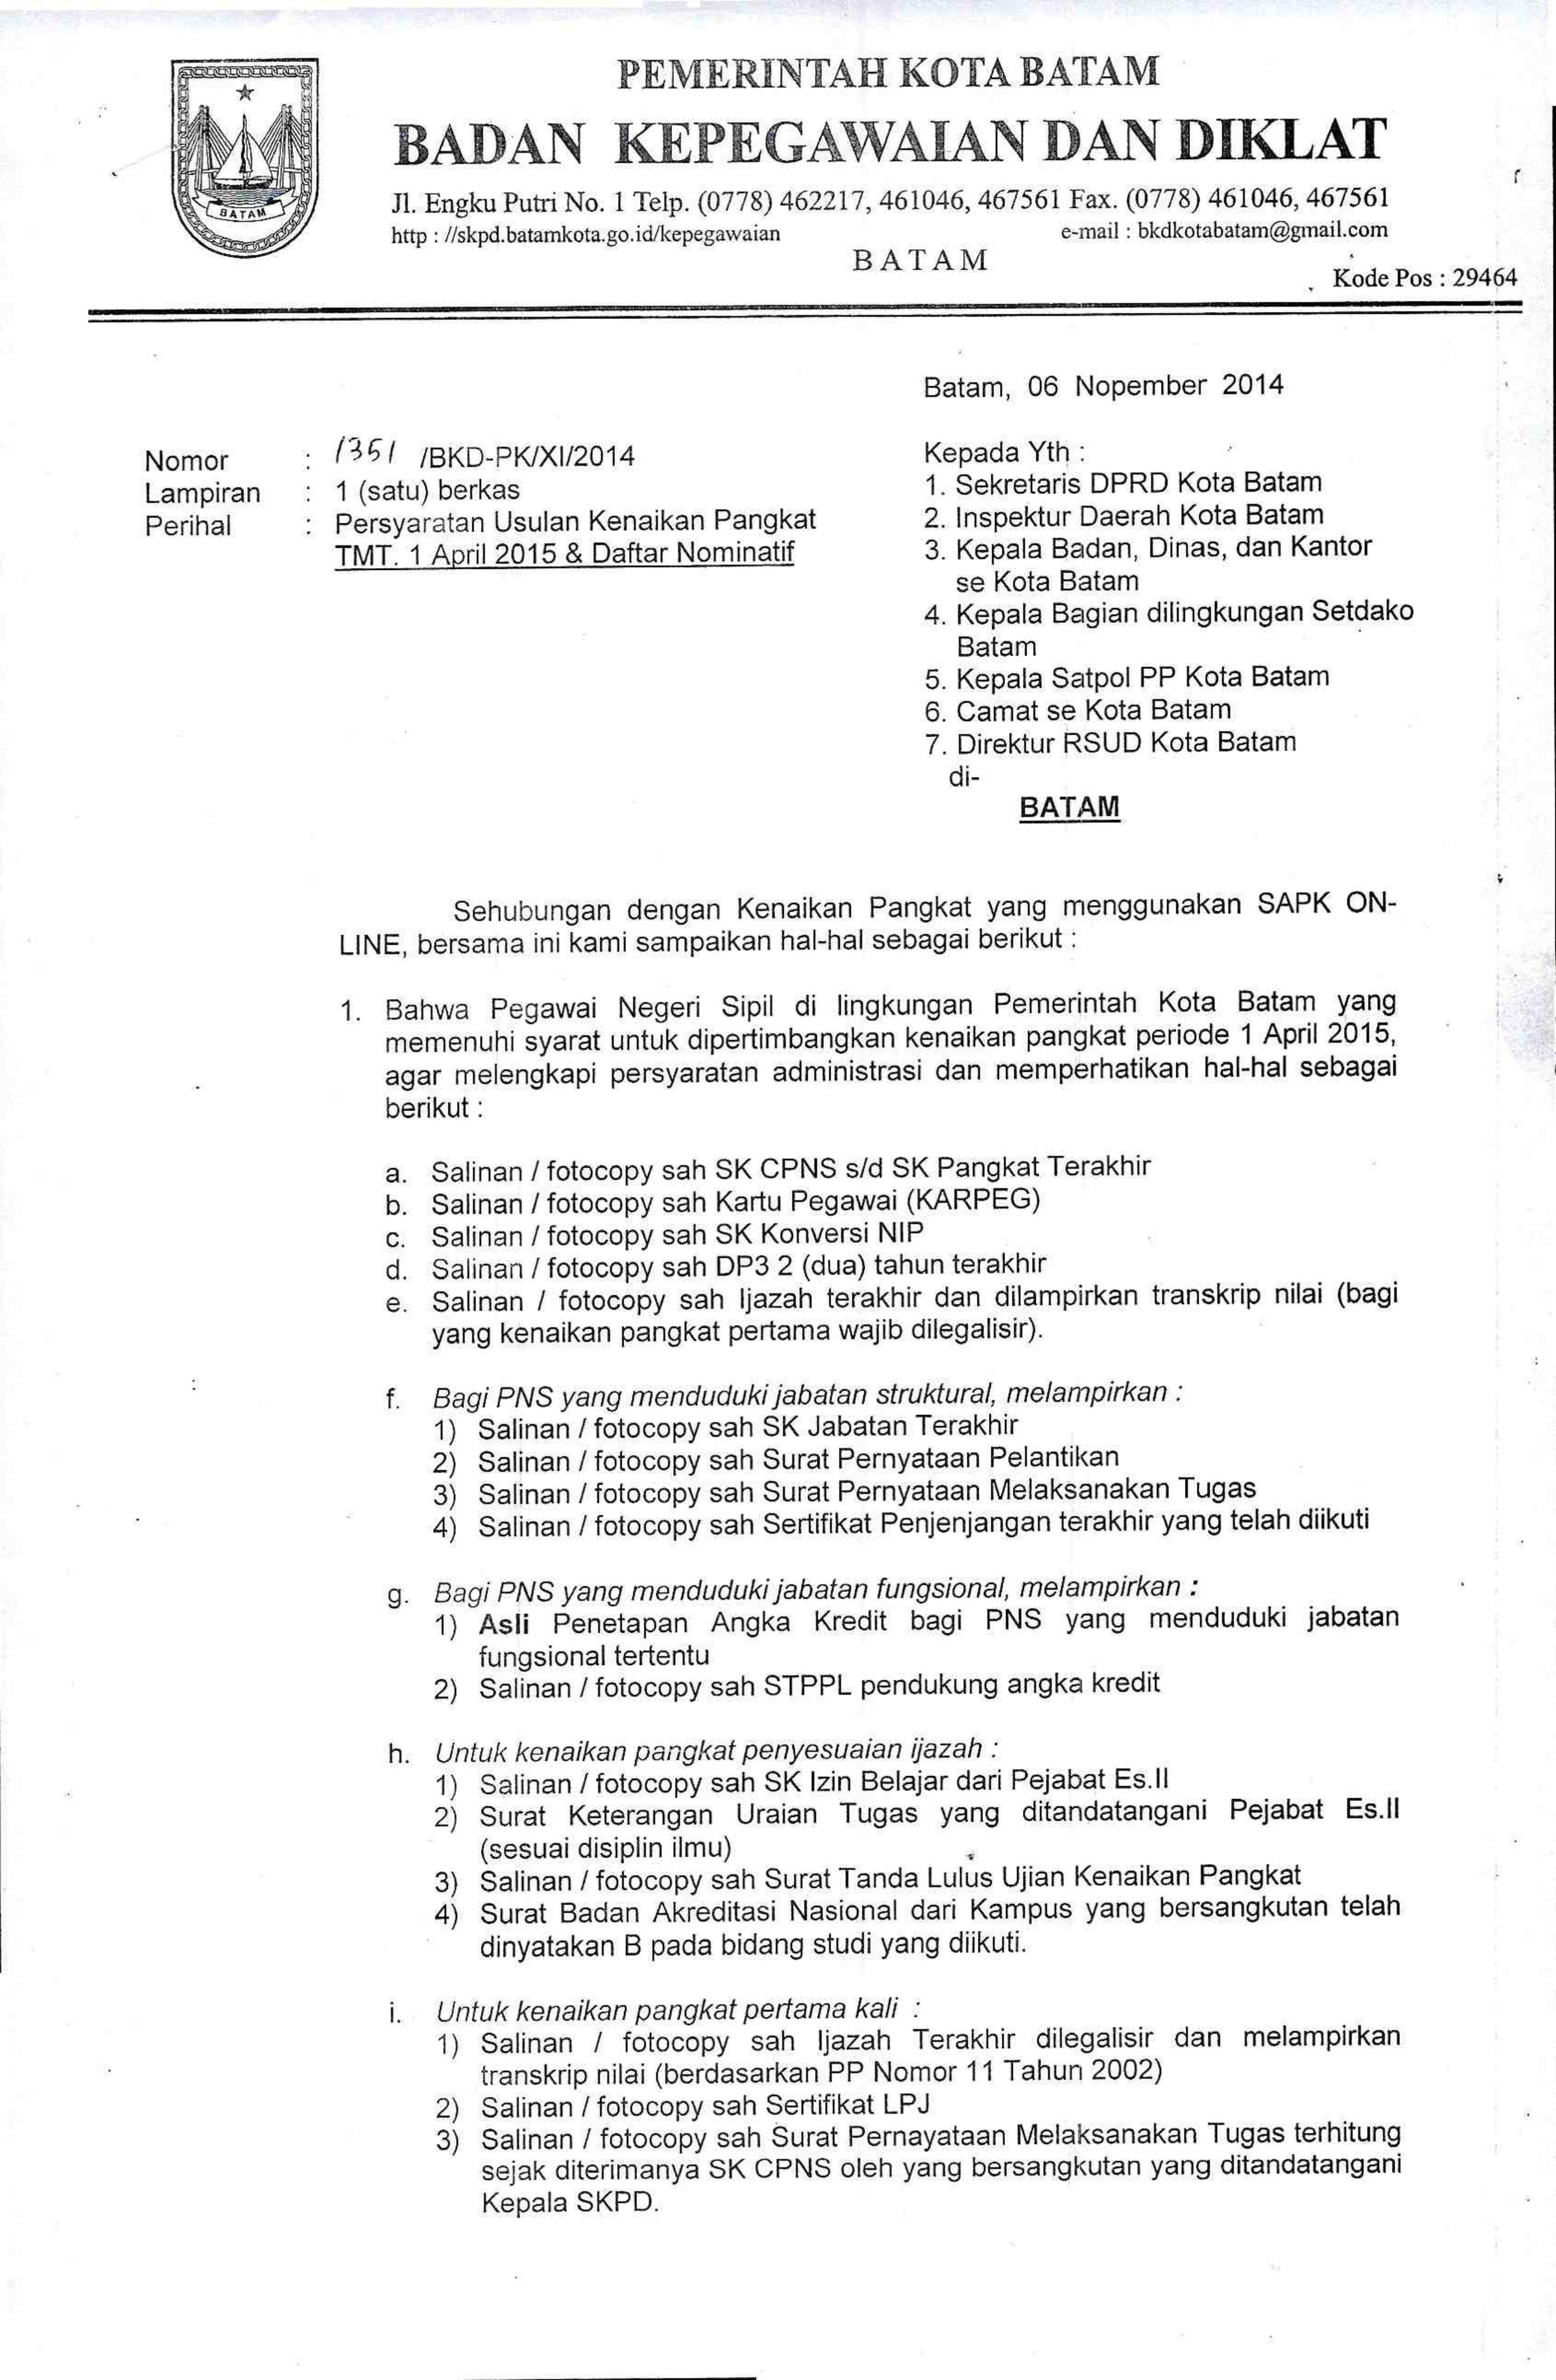 Surat Edaran Badan Kepegawaian Dan Diklat Kota Batam